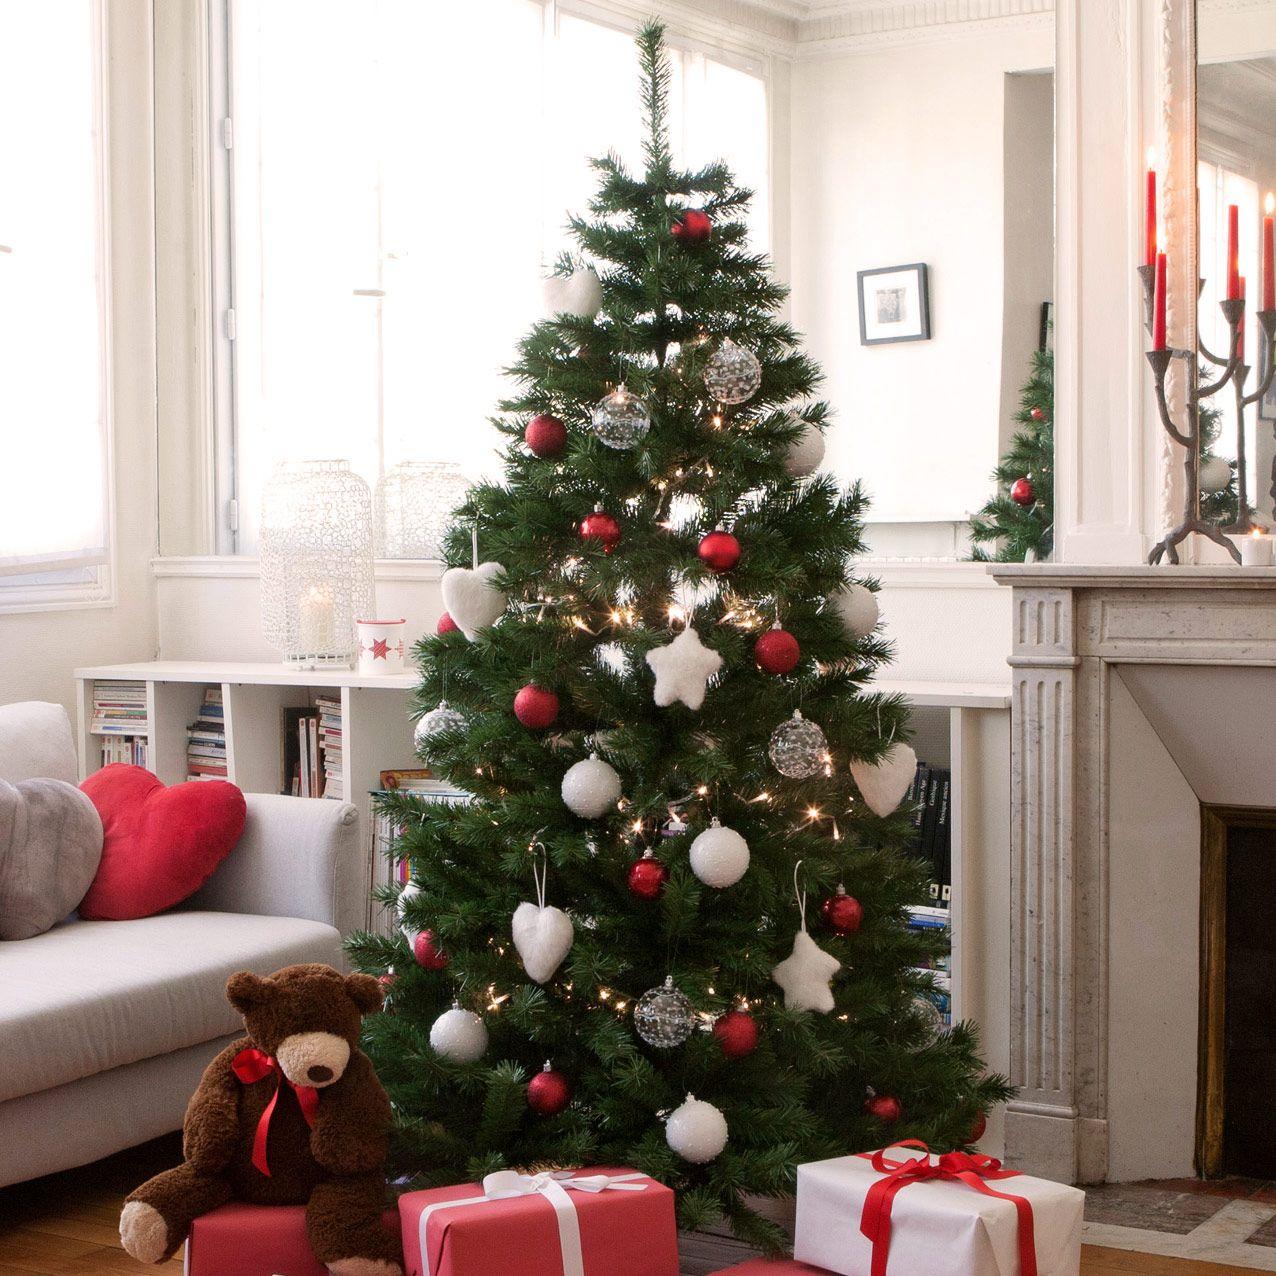 vente flash sur les sapins de no l delamaison bons plans d co pinterest noel sapin noel. Black Bedroom Furniture Sets. Home Design Ideas